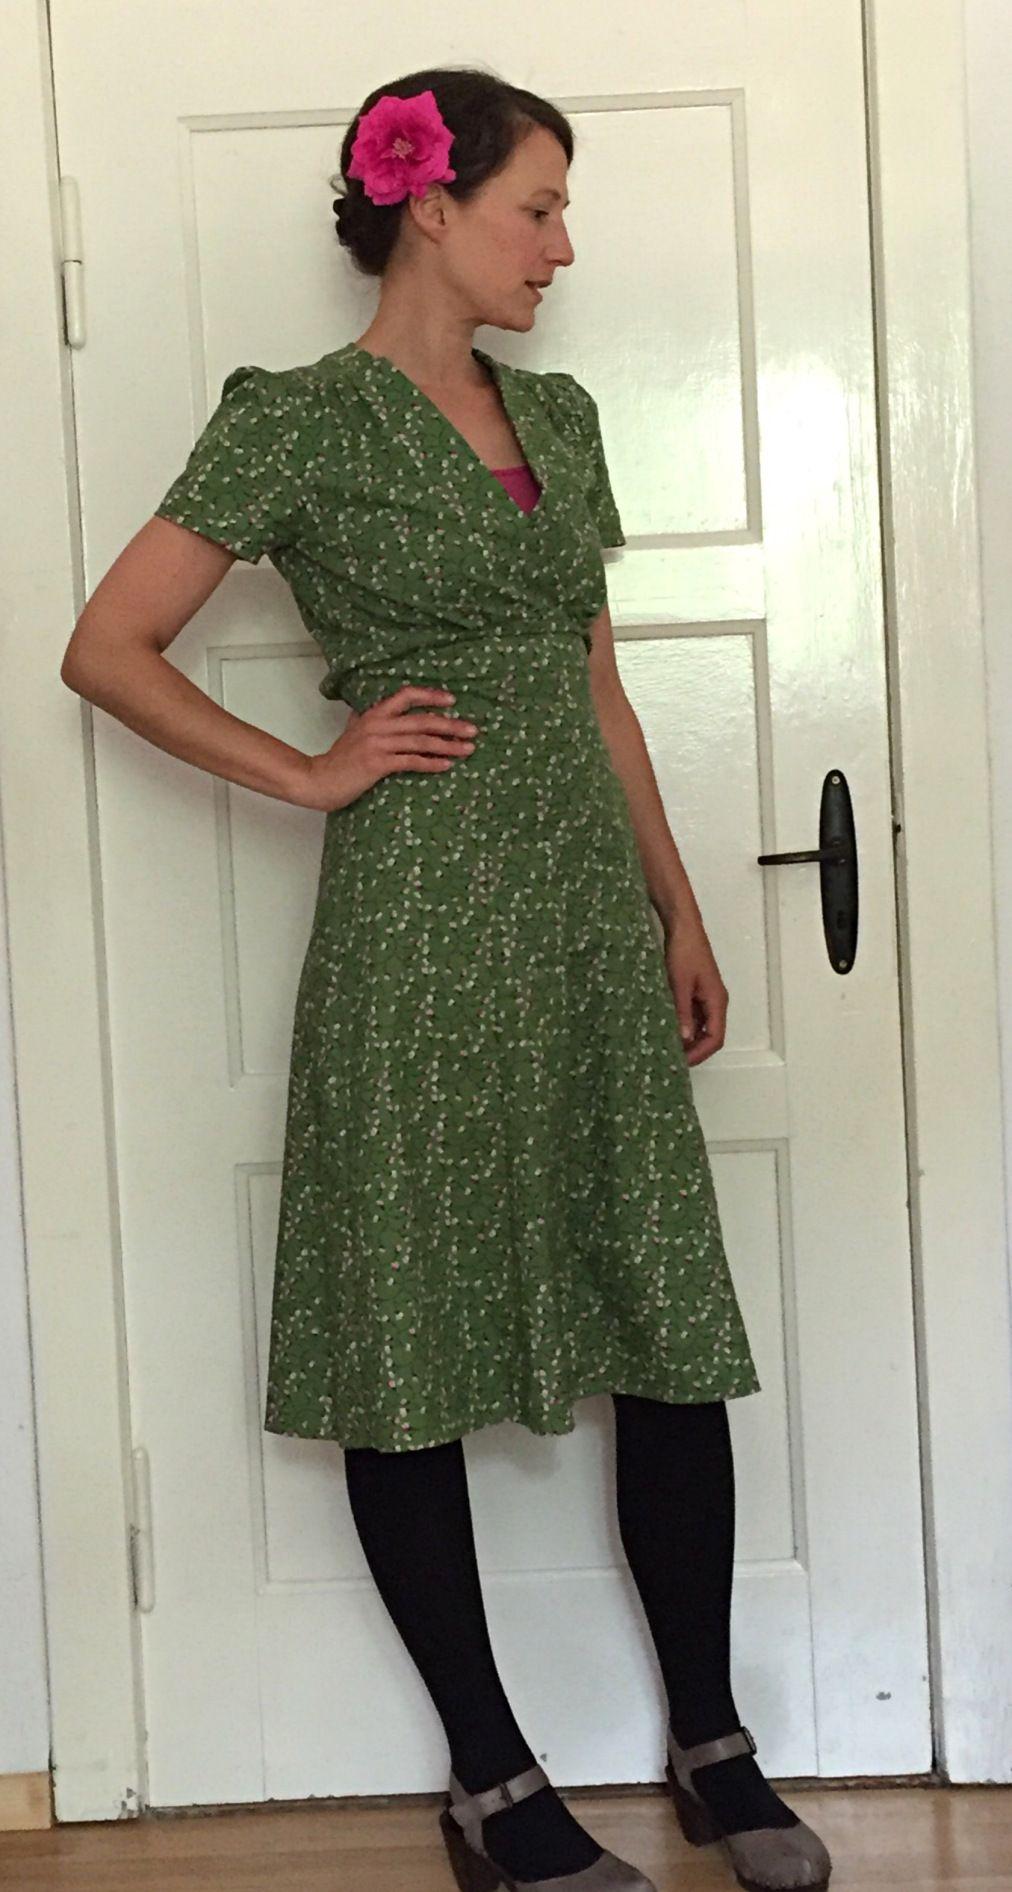 ohjaschoen 1040s Swing Dress | vintage dresses | Pinterest | Swings ...